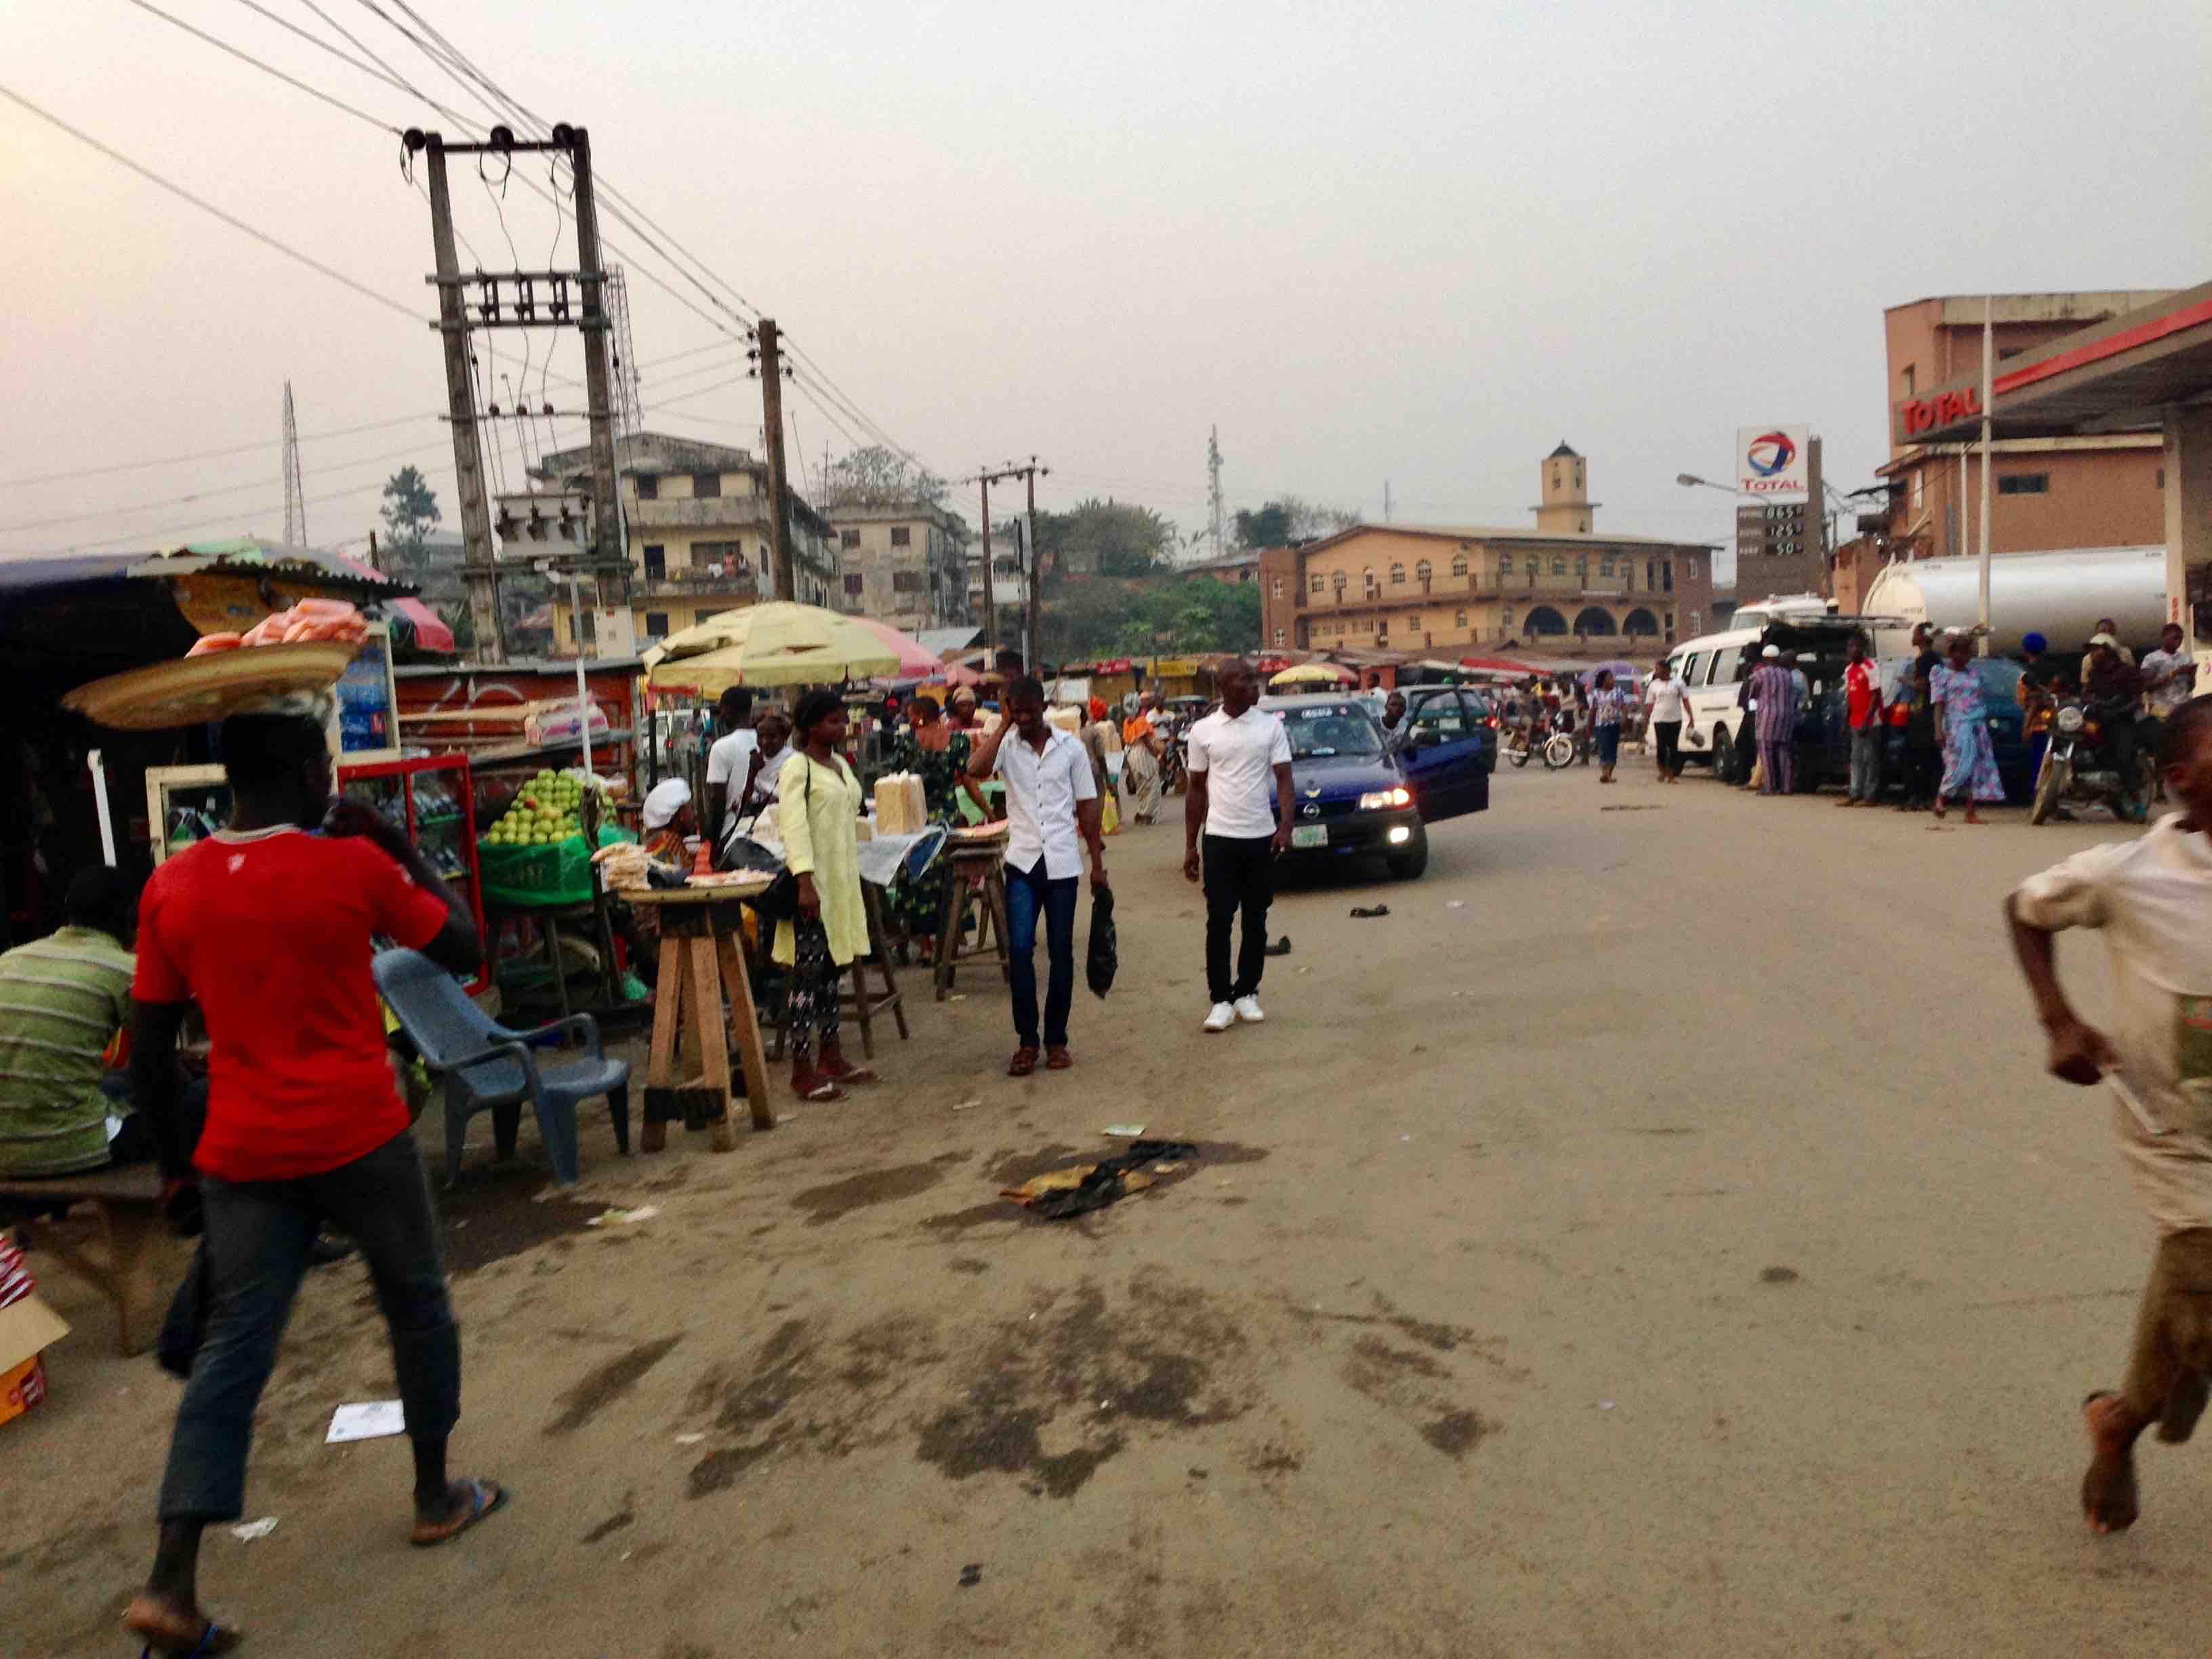 Epe, Lagos, Nigeria. #JujuFilms